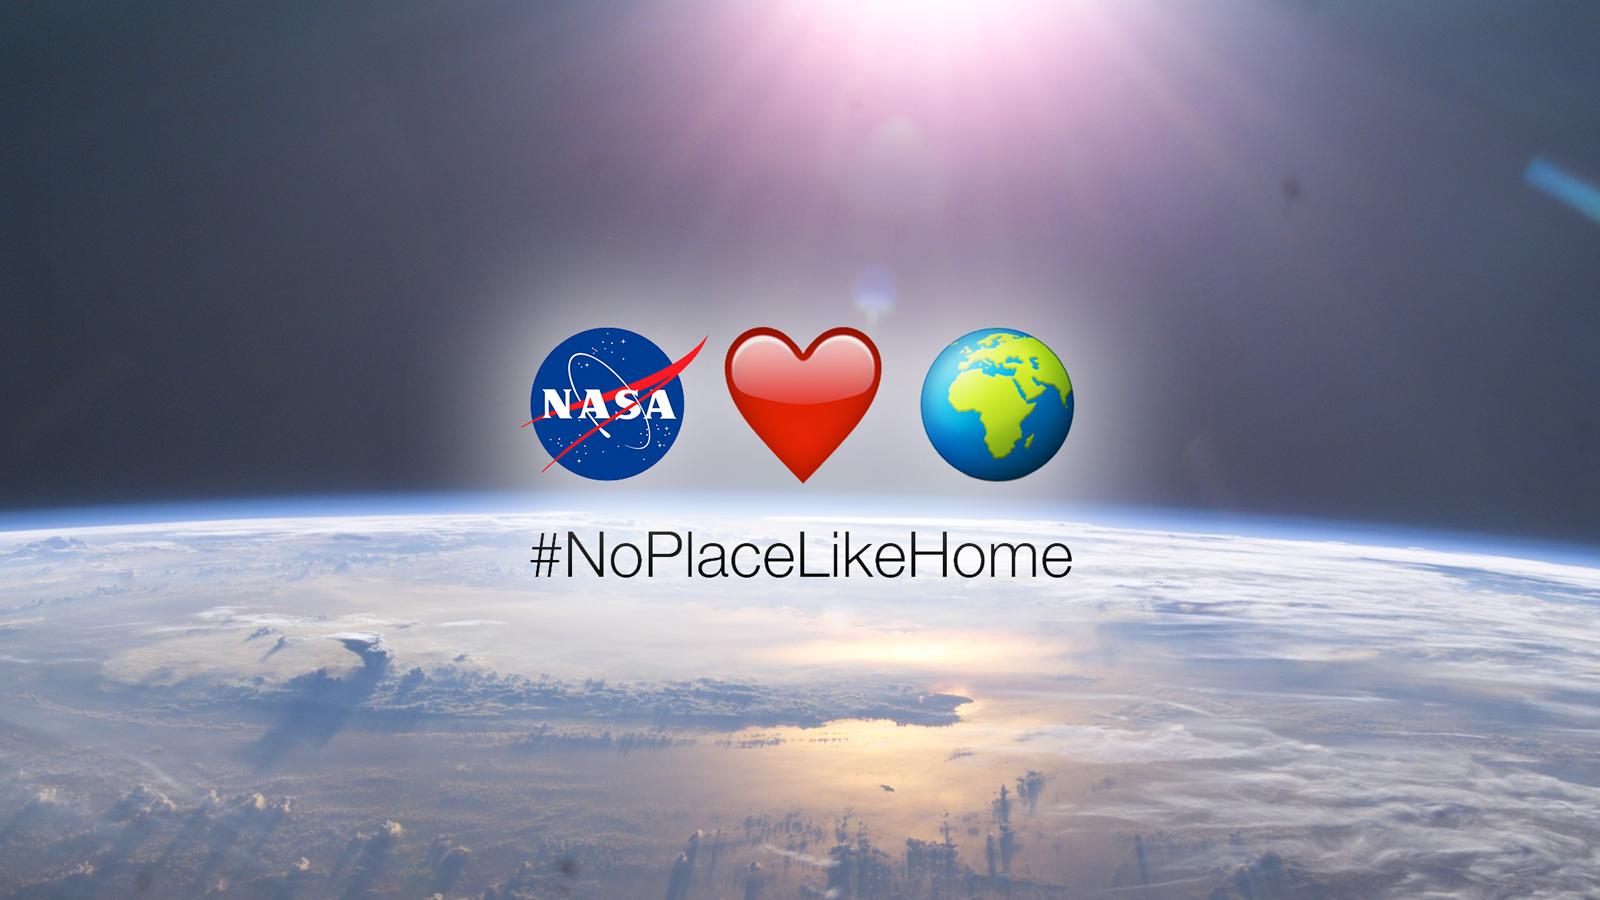 governmet-emoji-noplacelikehome-nasa-earth-day